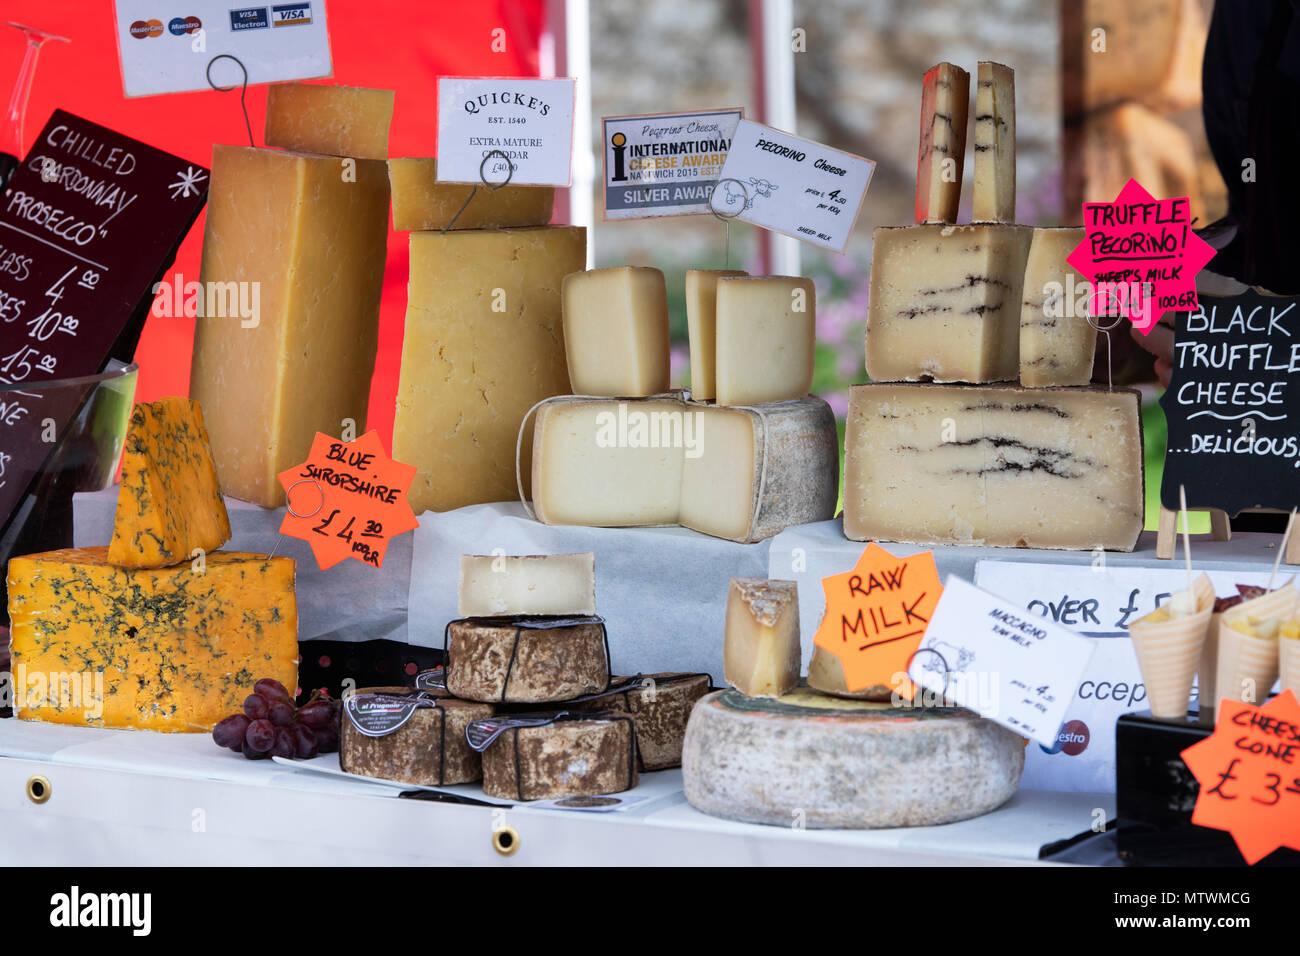 Specialità e formaggio artigianale stallo a un festival di cibo. Oxfordshire, Inghilterra Immagini Stock